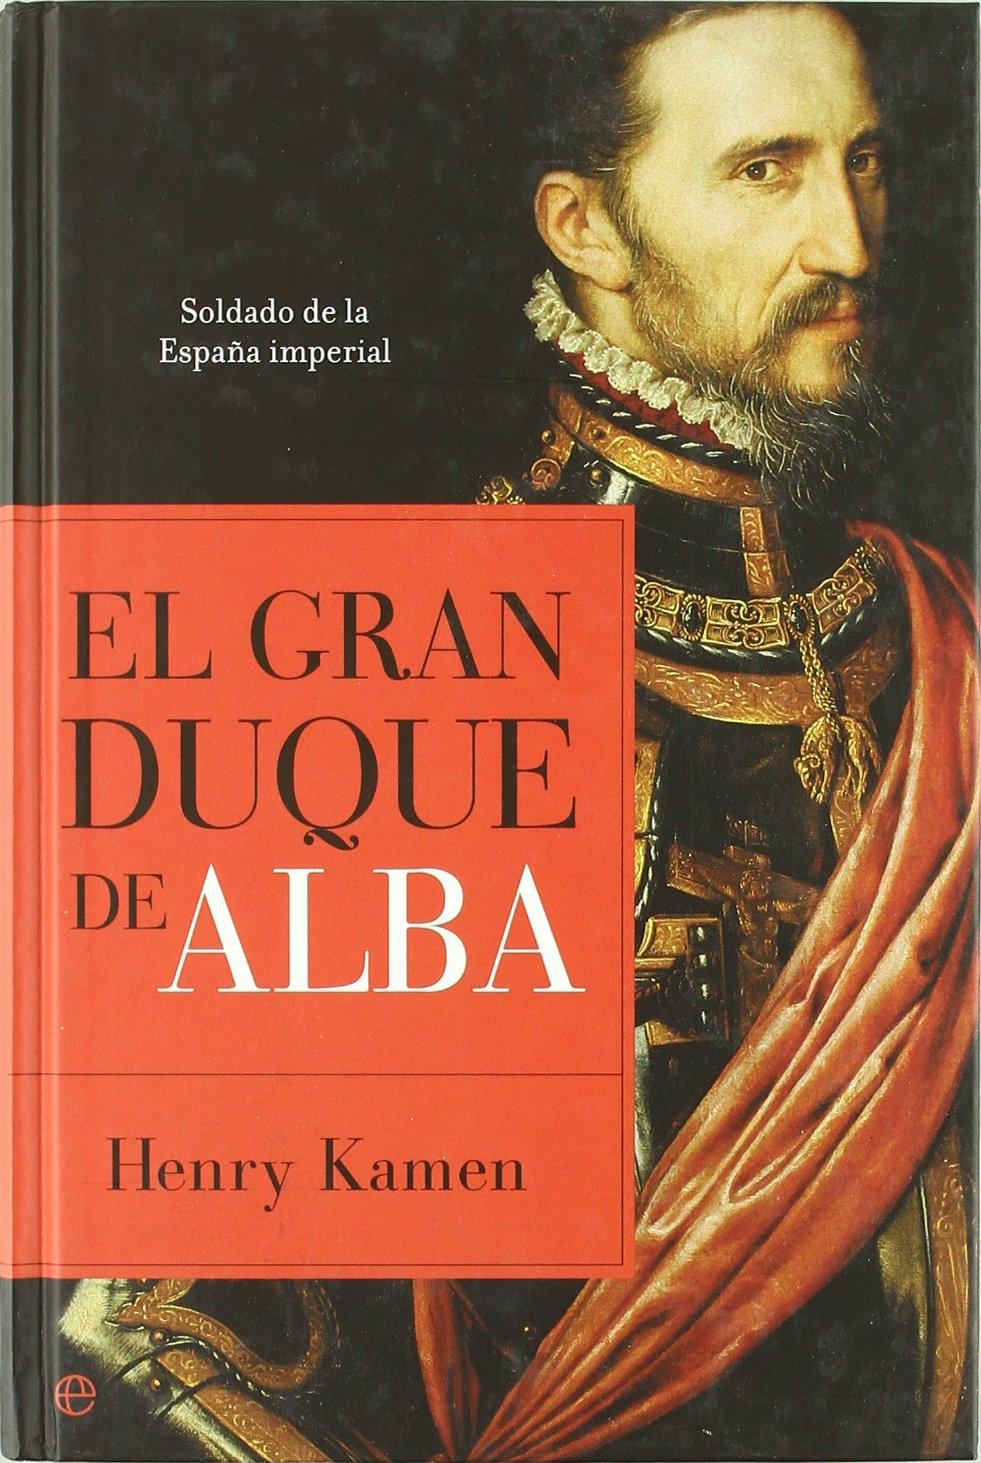 Gran duque de Alba, el - soldado de la España imperial Historia la ...